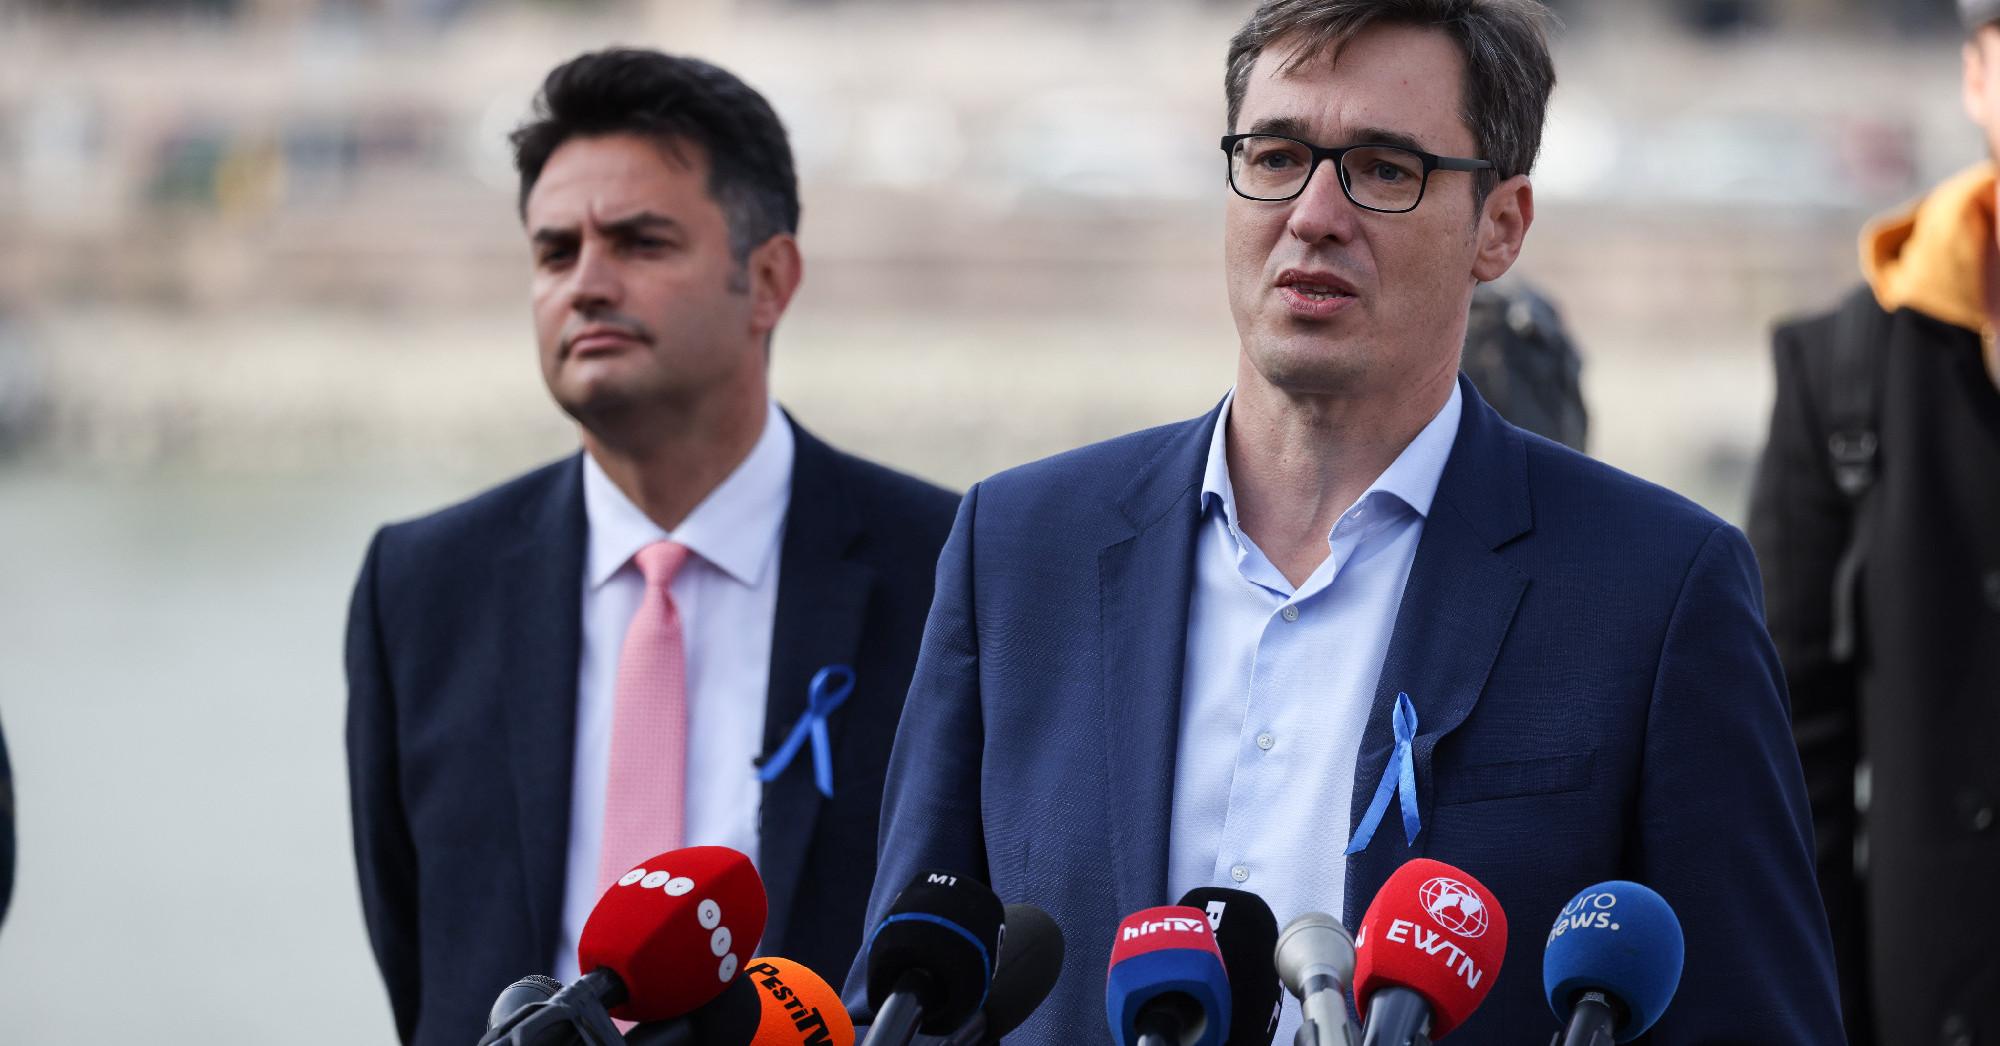 Karácsony a zöld és szocdem szavazóknak: Ezerszer jobb ma egy Márki-Zay Péter, mint holnap egy Orbán Viktor